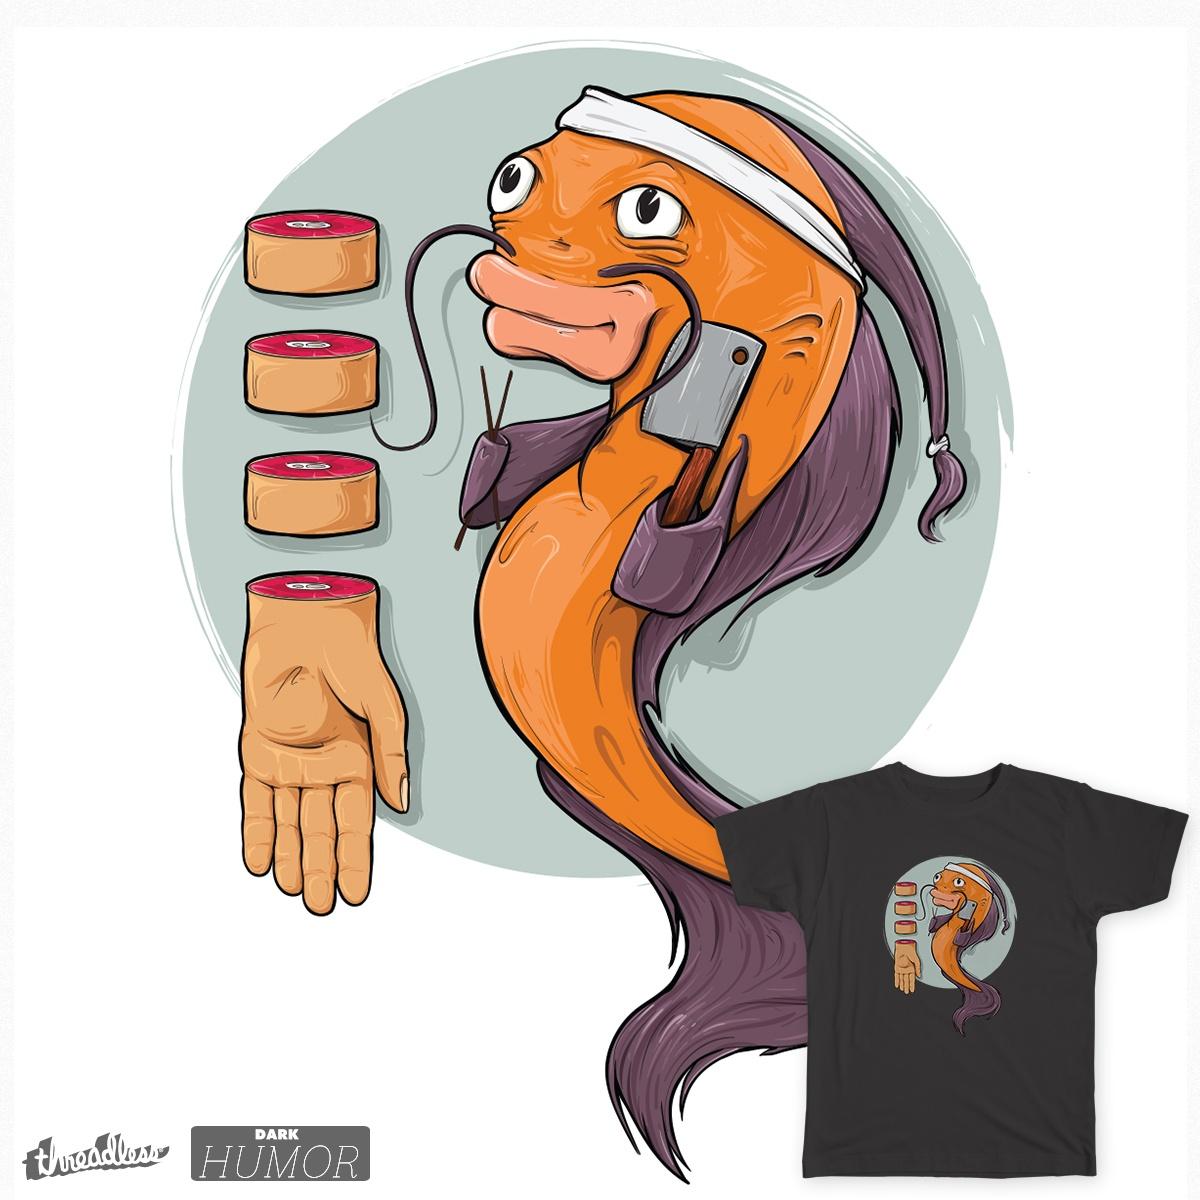 Human Sushi, a cool t-shirt design